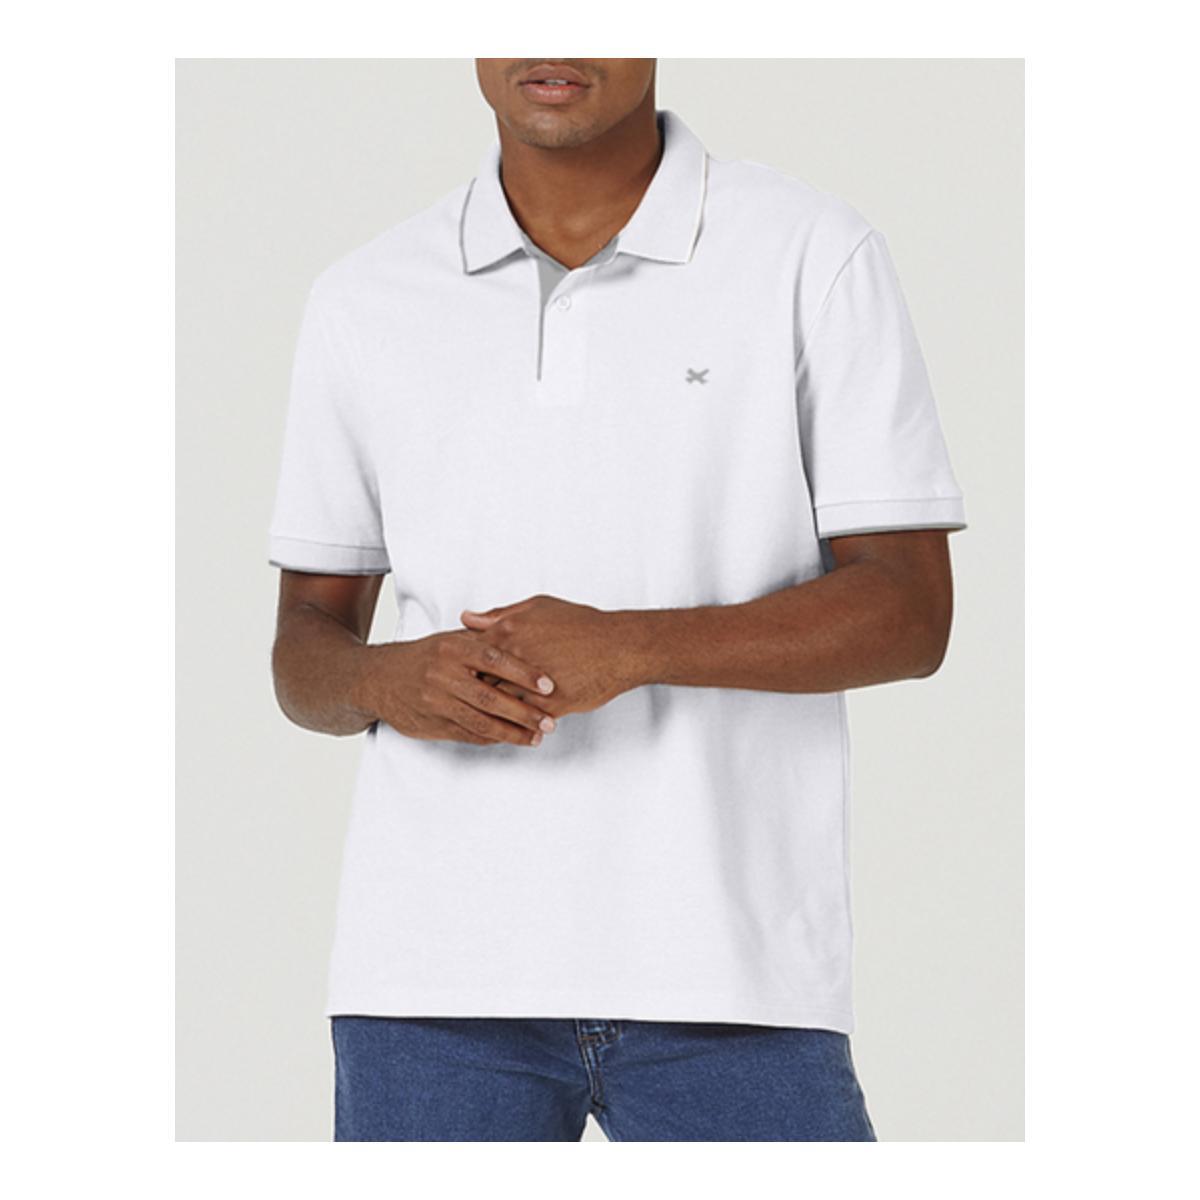 Camisa Masculina Hering 036h 5den Branco/cinza